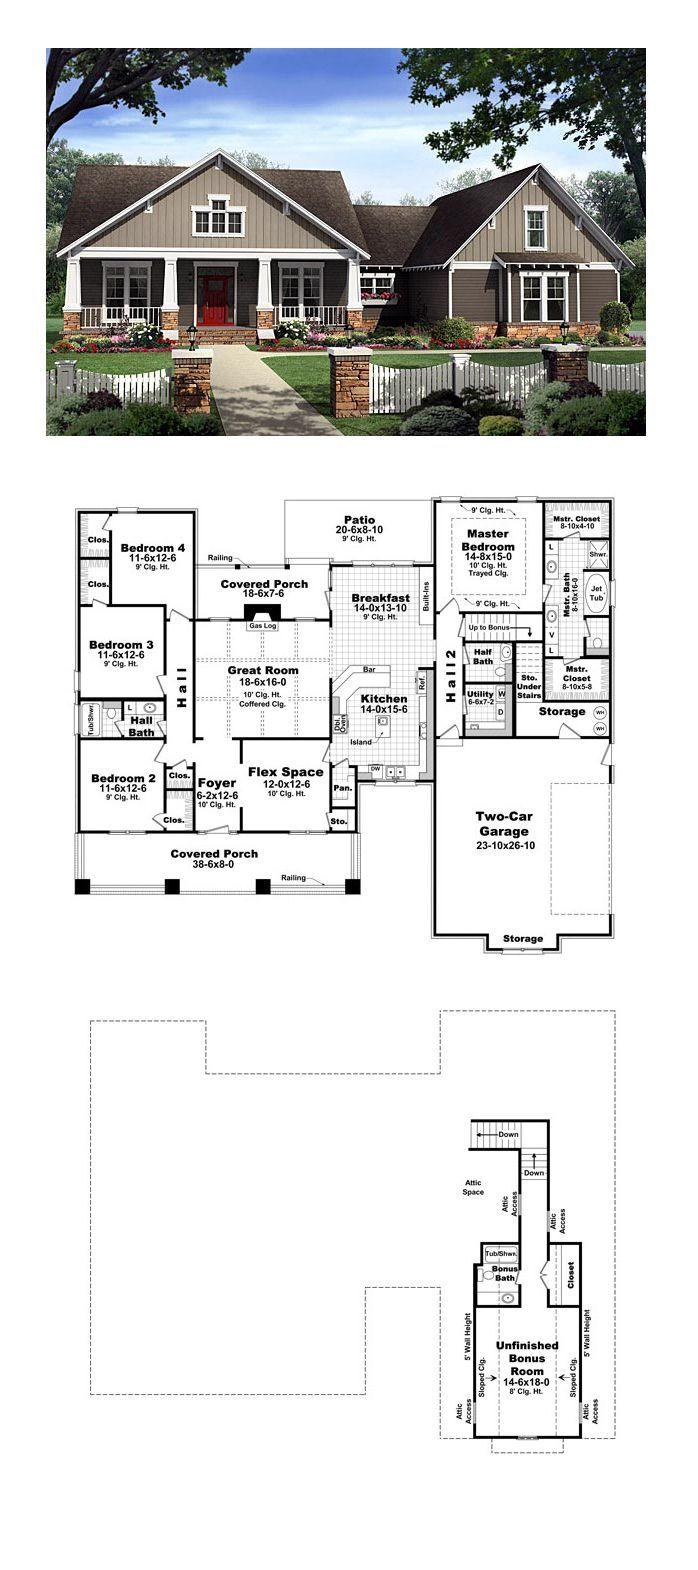 10 Elegant Craftsman House Plans Will Inspire You Avec Images Maison Intergeneration Plan De Maison Fonctionnelle Plan Maison